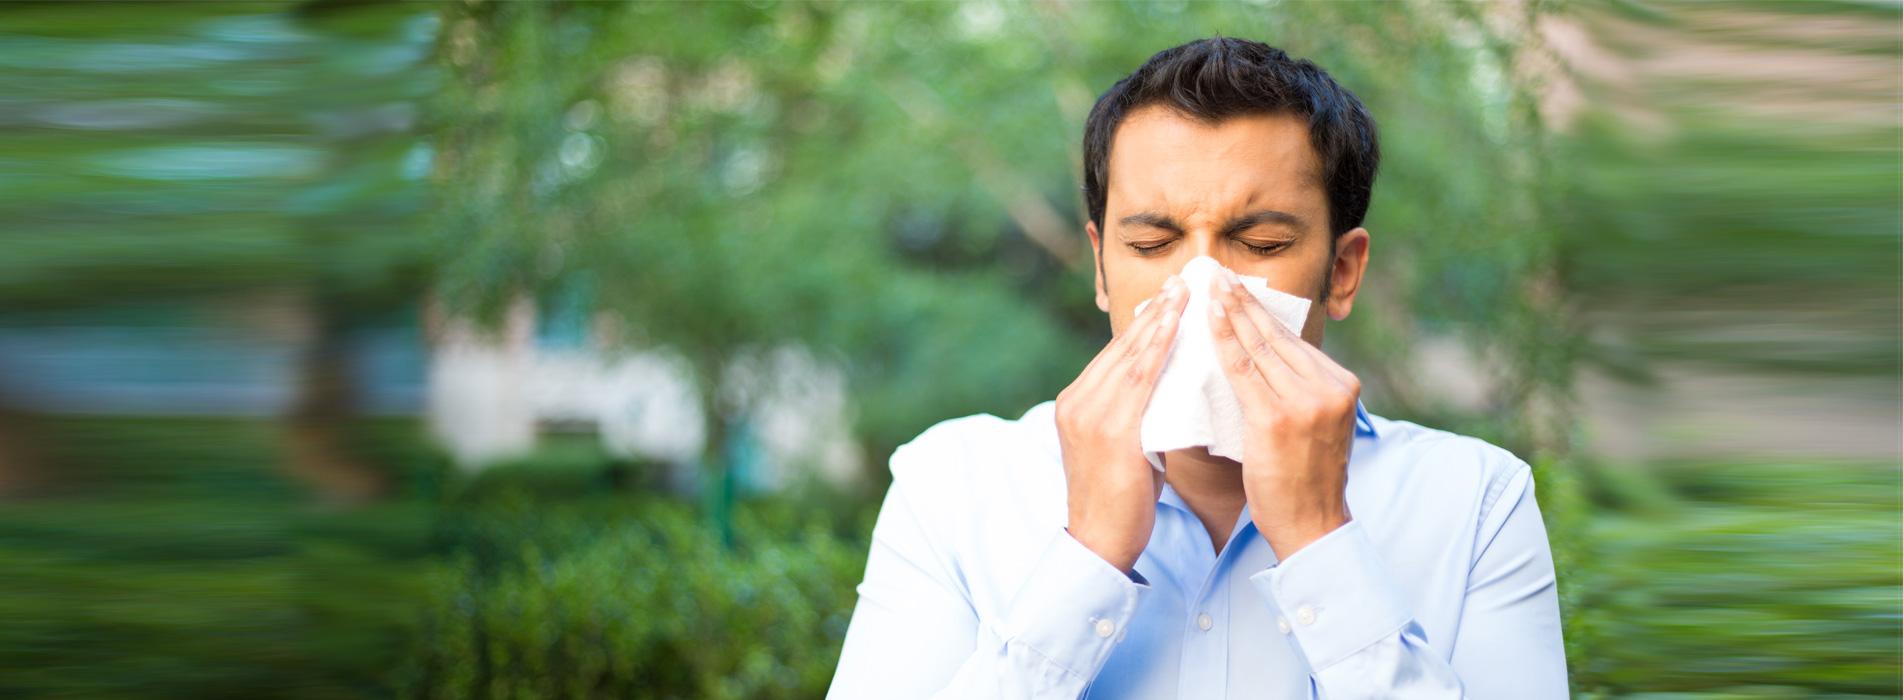 Allergy Relief Chiropractors Phoenix